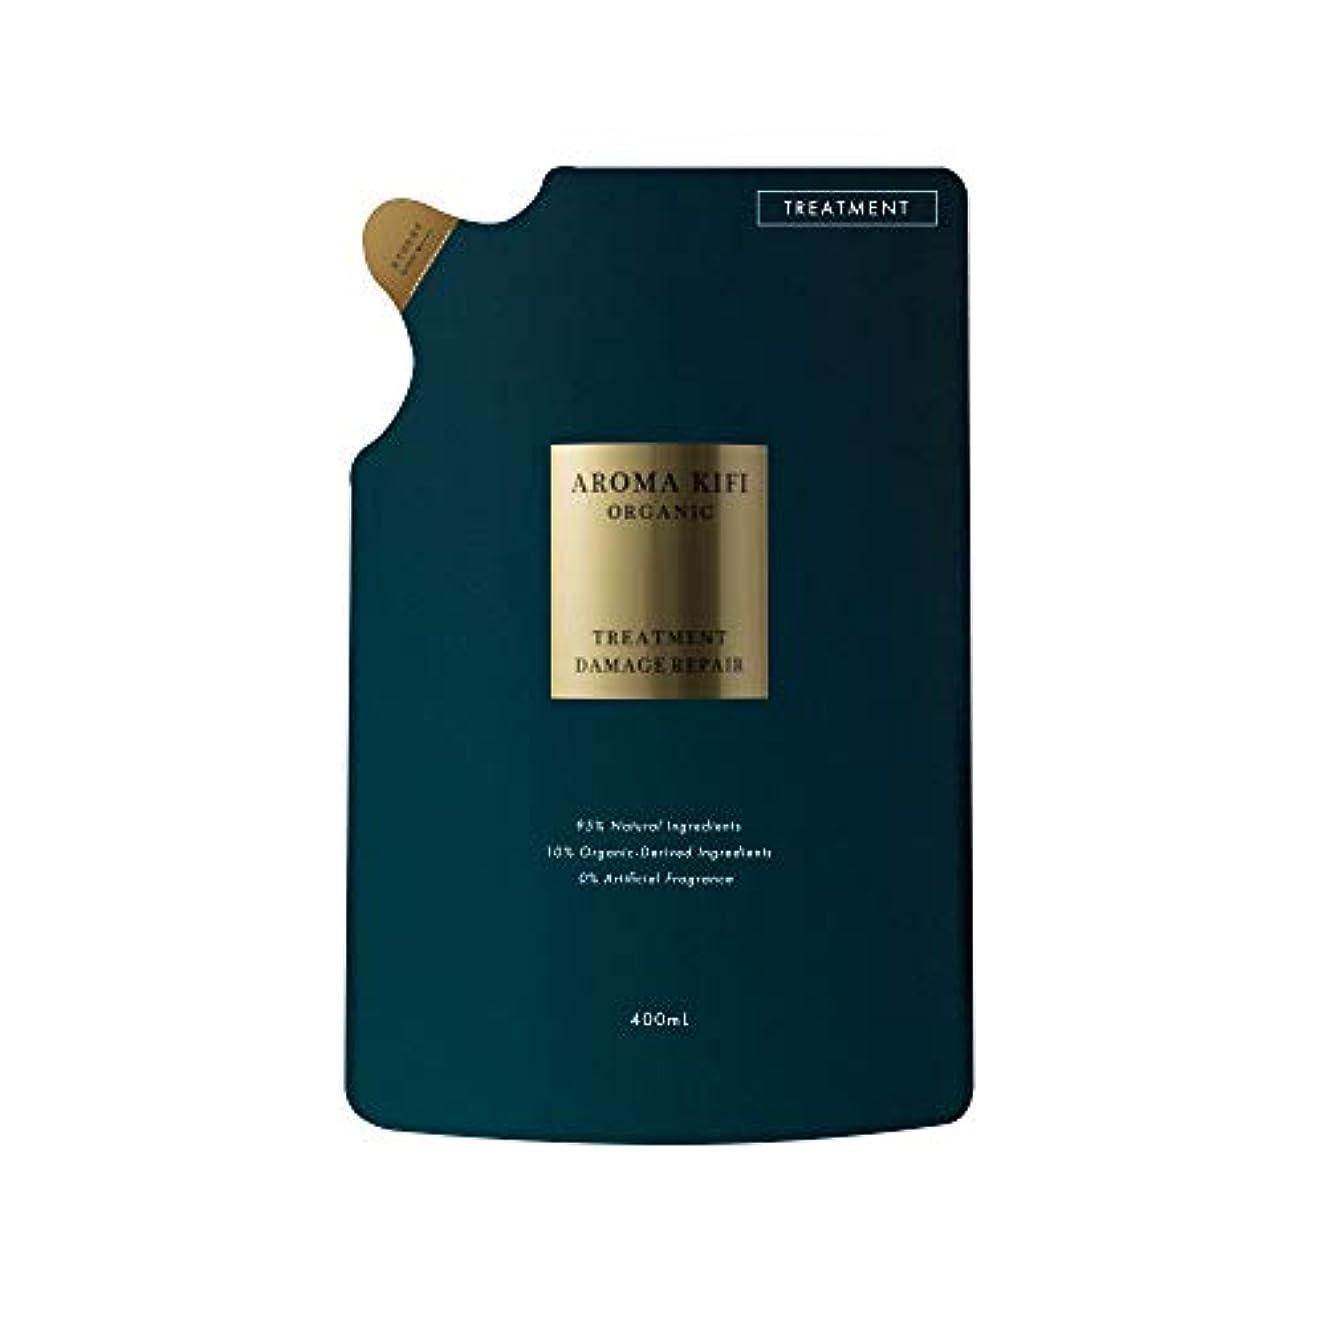 アロマキフィ オーガニック トリートメント 詰替え 400ml 【ダメージリペア】サロン品質 ノンシリコン 無添加 パウダリーローズの香り